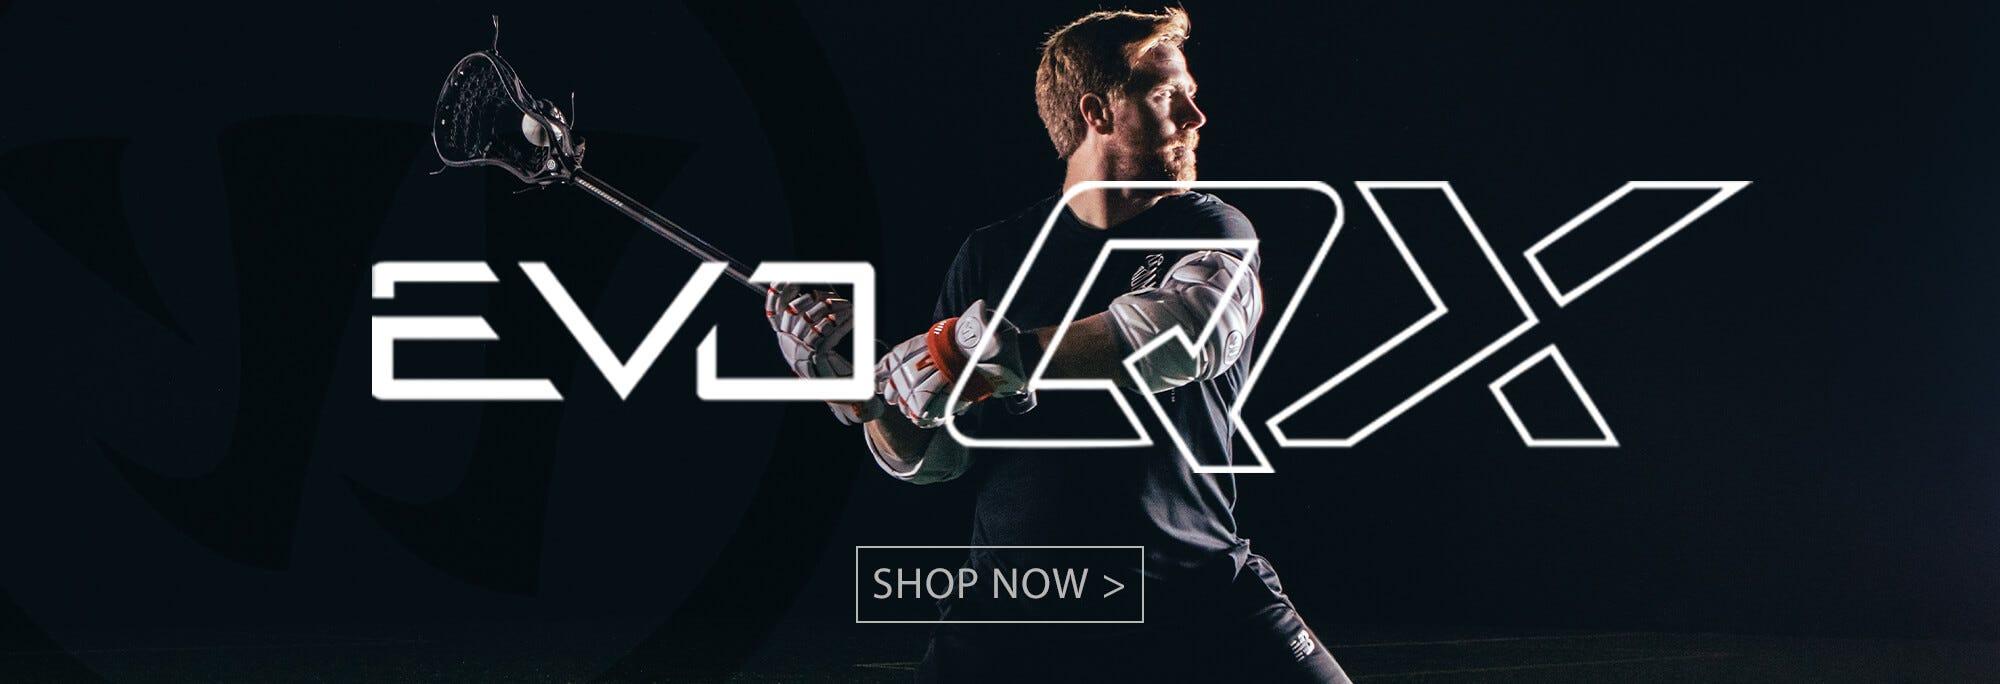 Warrior Lacrosse Gear - Desktop